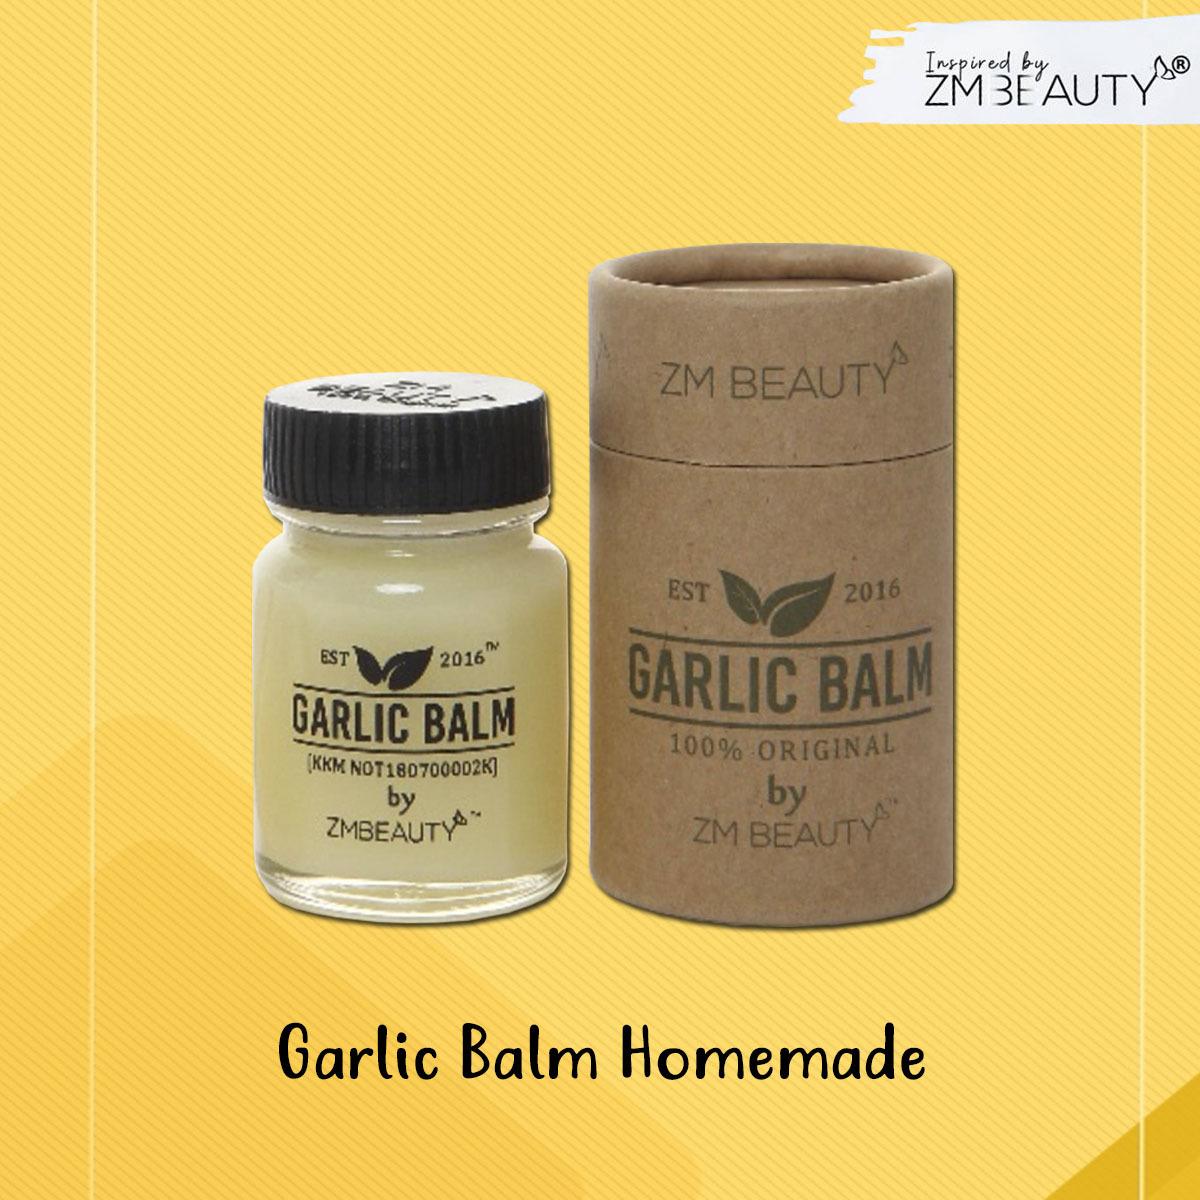 garlic balm homemade.jpg